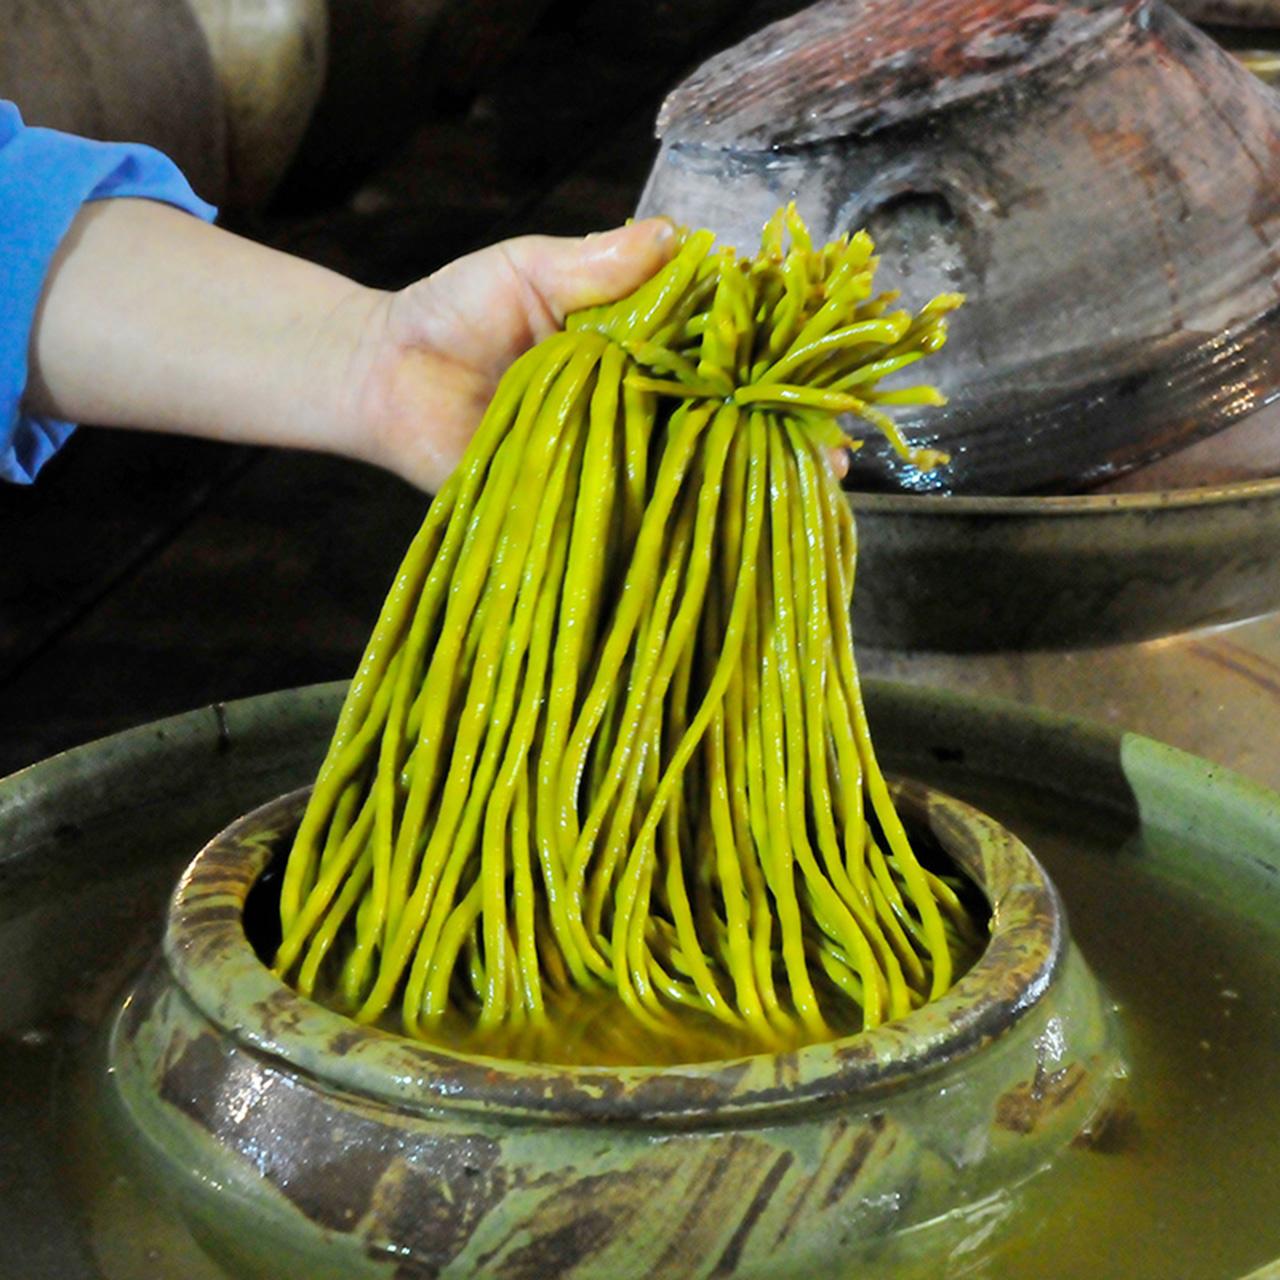 四川泡菜酸豆角酸豇豆350g*4袋老坛泡菜酱菜下饭菜脆豇豆新繁泡菜